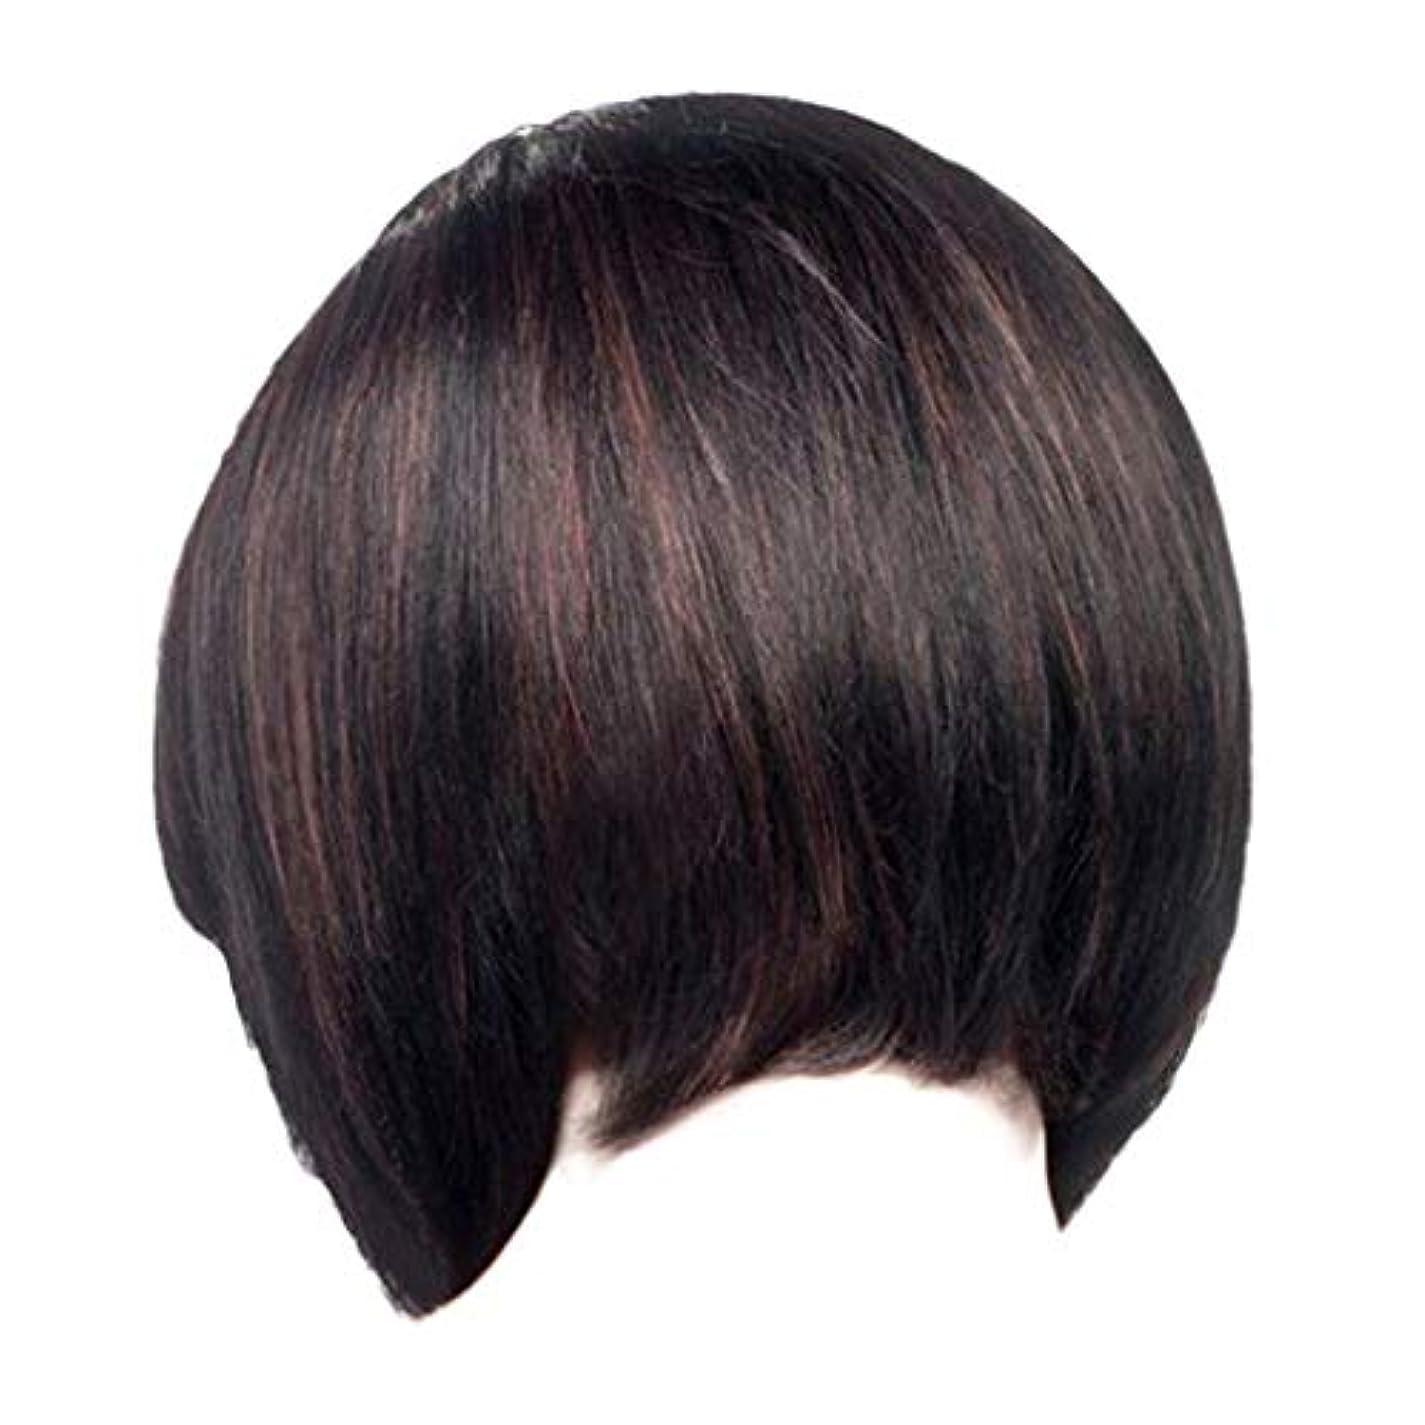 クスコバングゴールドウィッグレディースファッションブラックショートストレートヘアナチュラルウィッグローズヘアネット